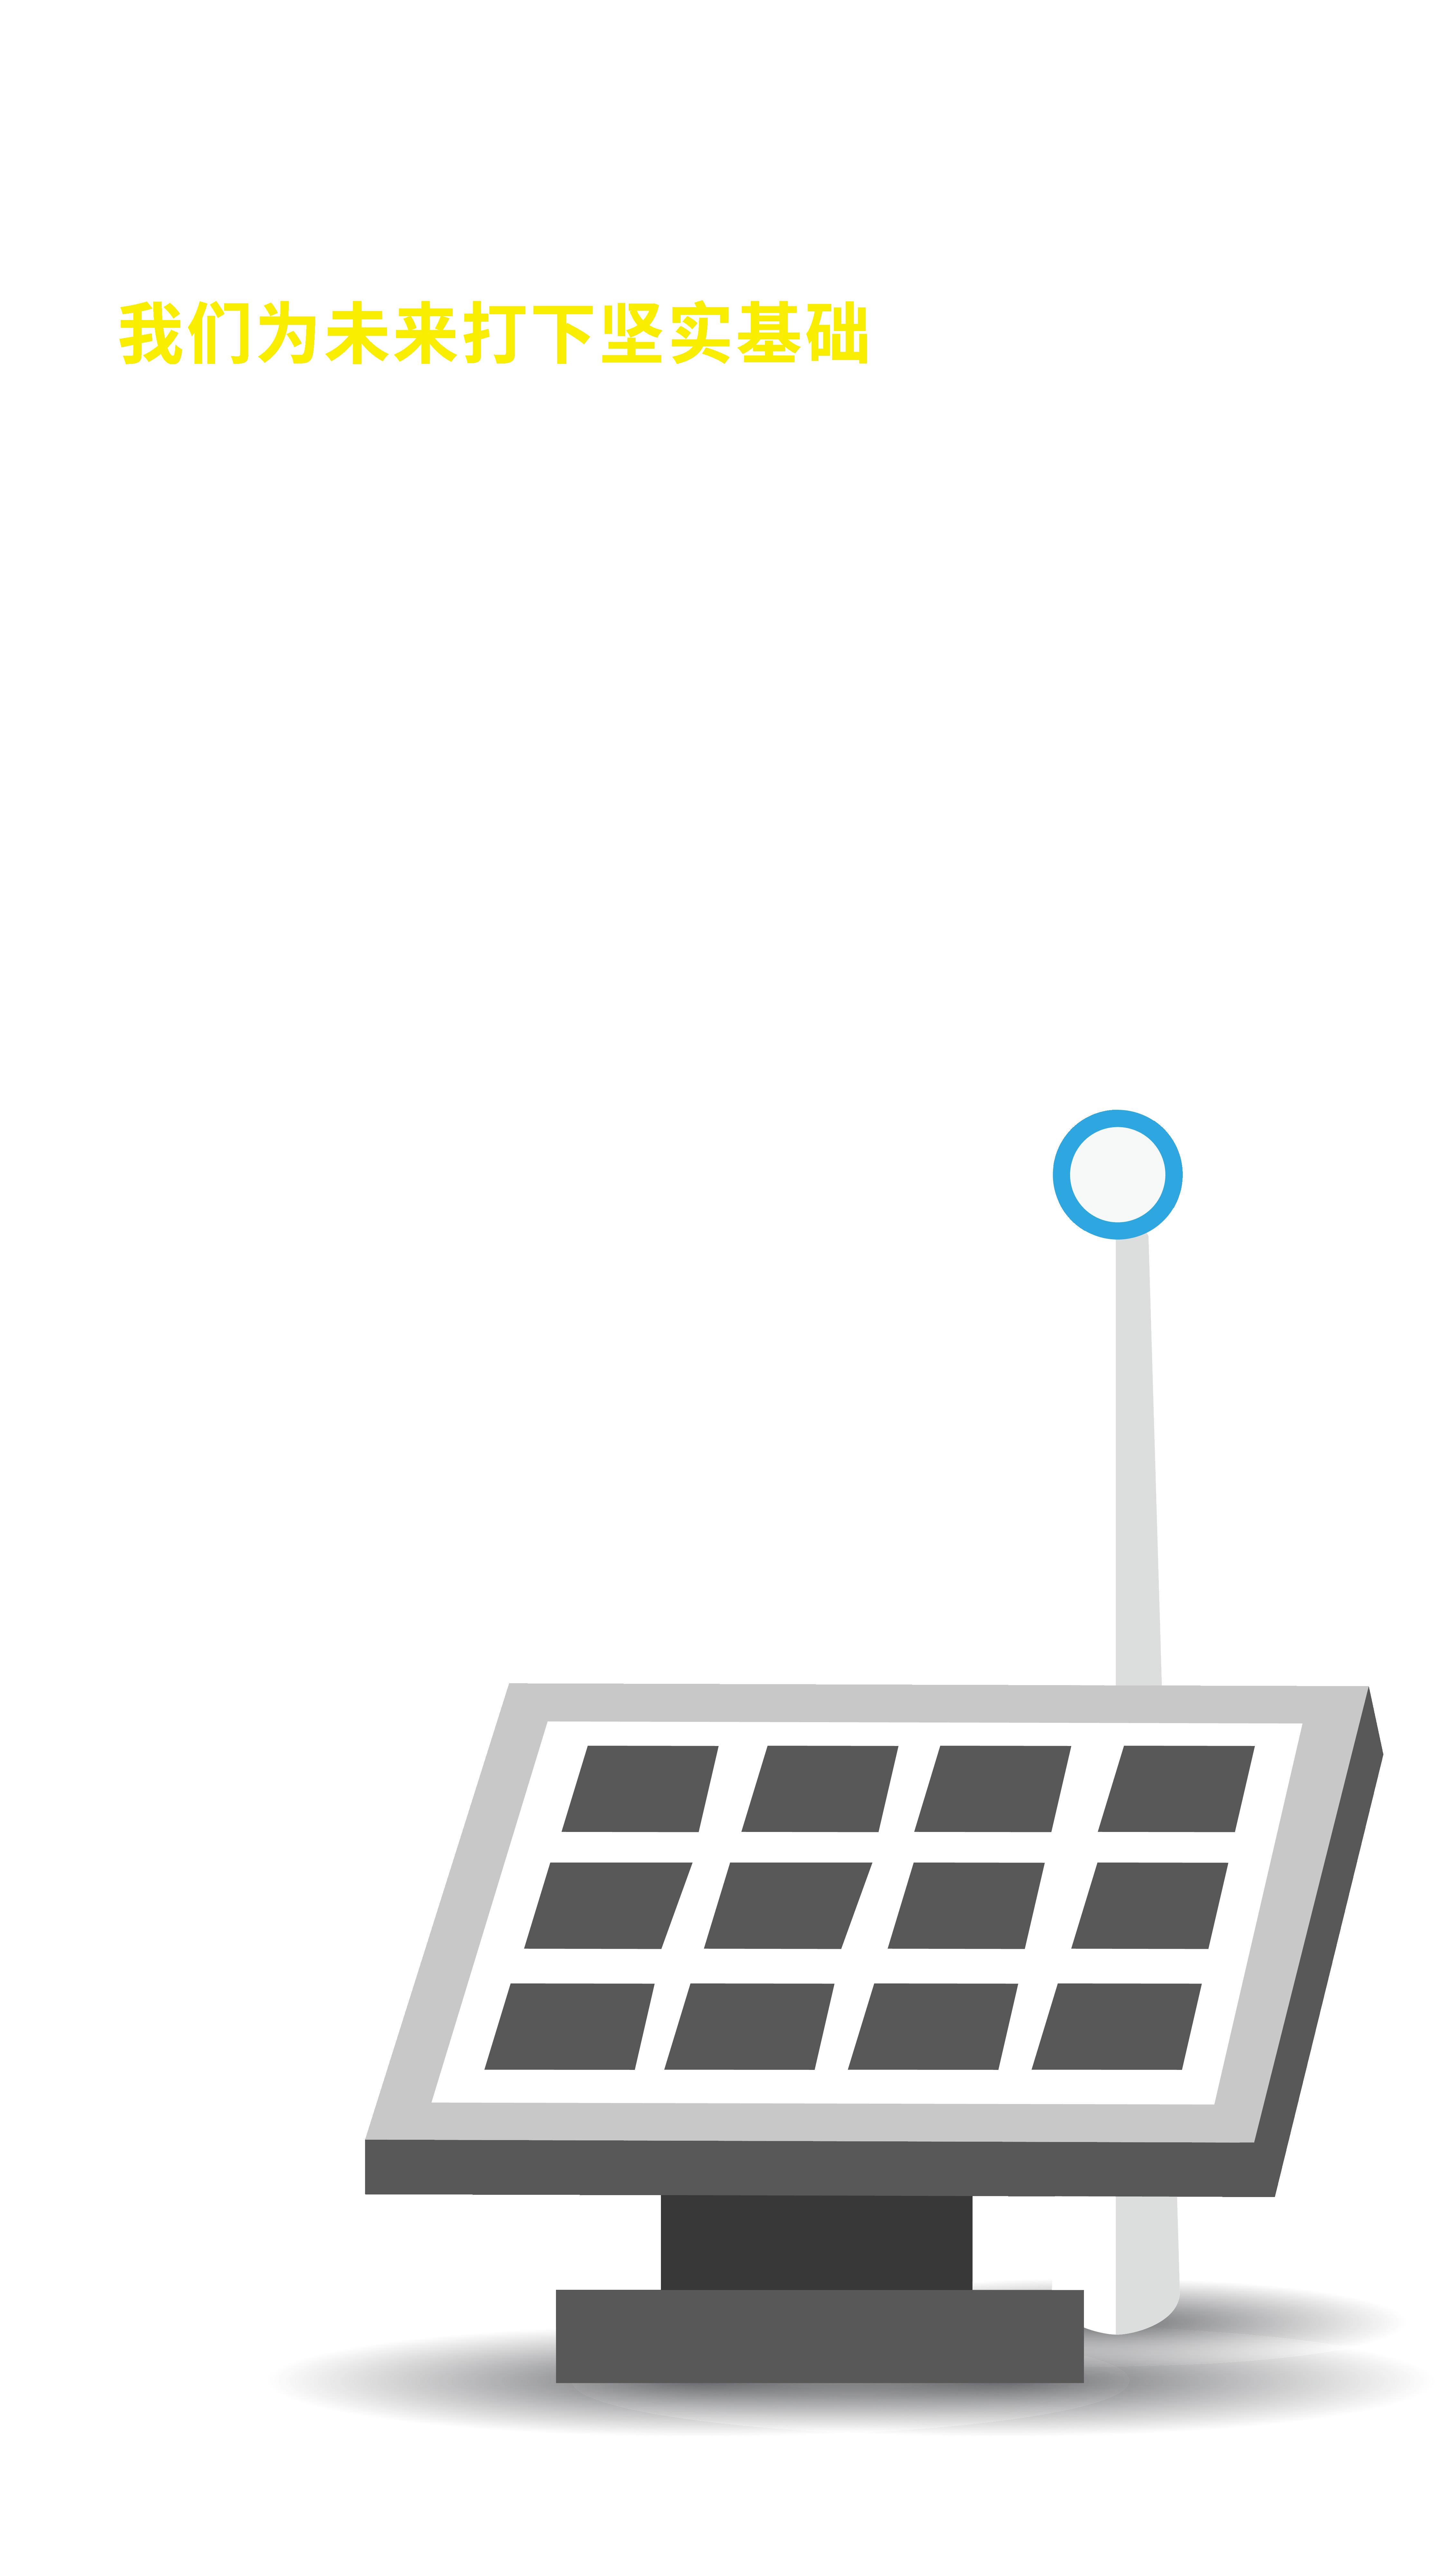 元一能源2018年度报告手机海报-05